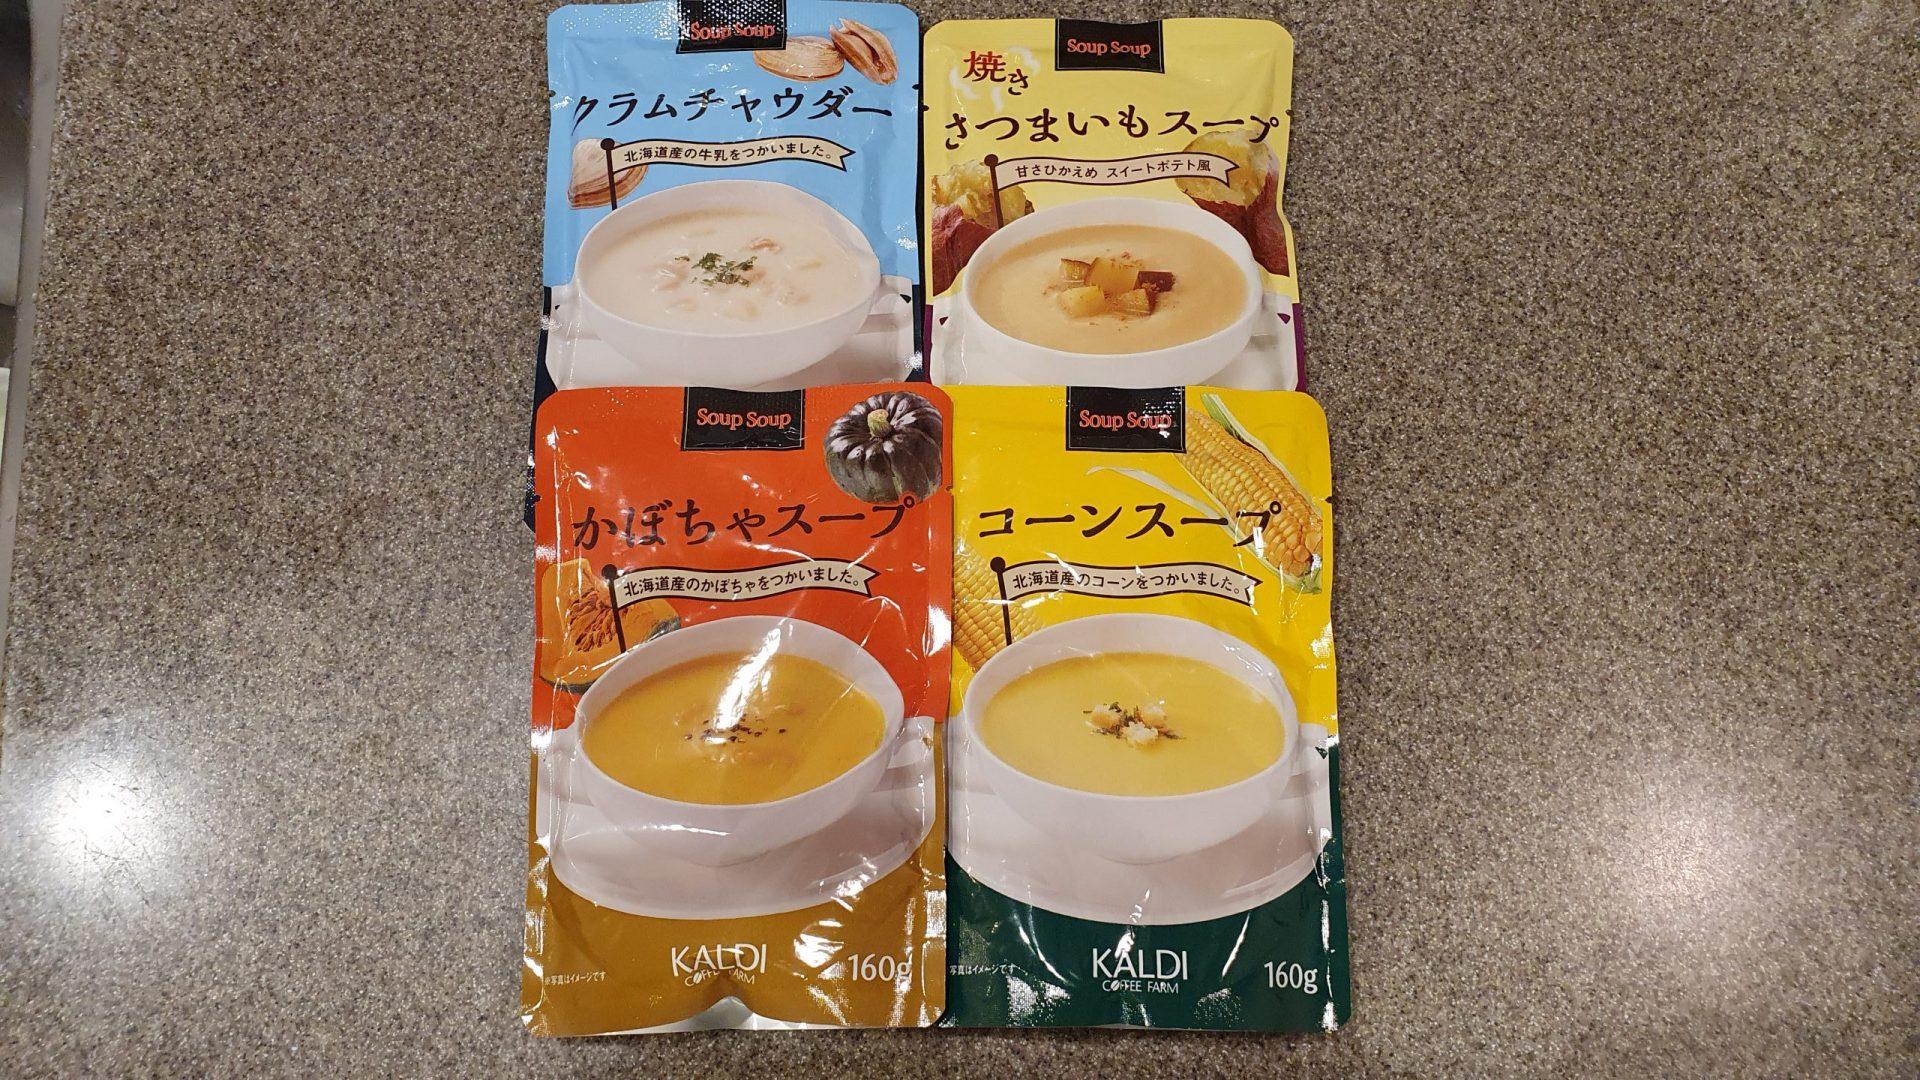 レトルトスープ